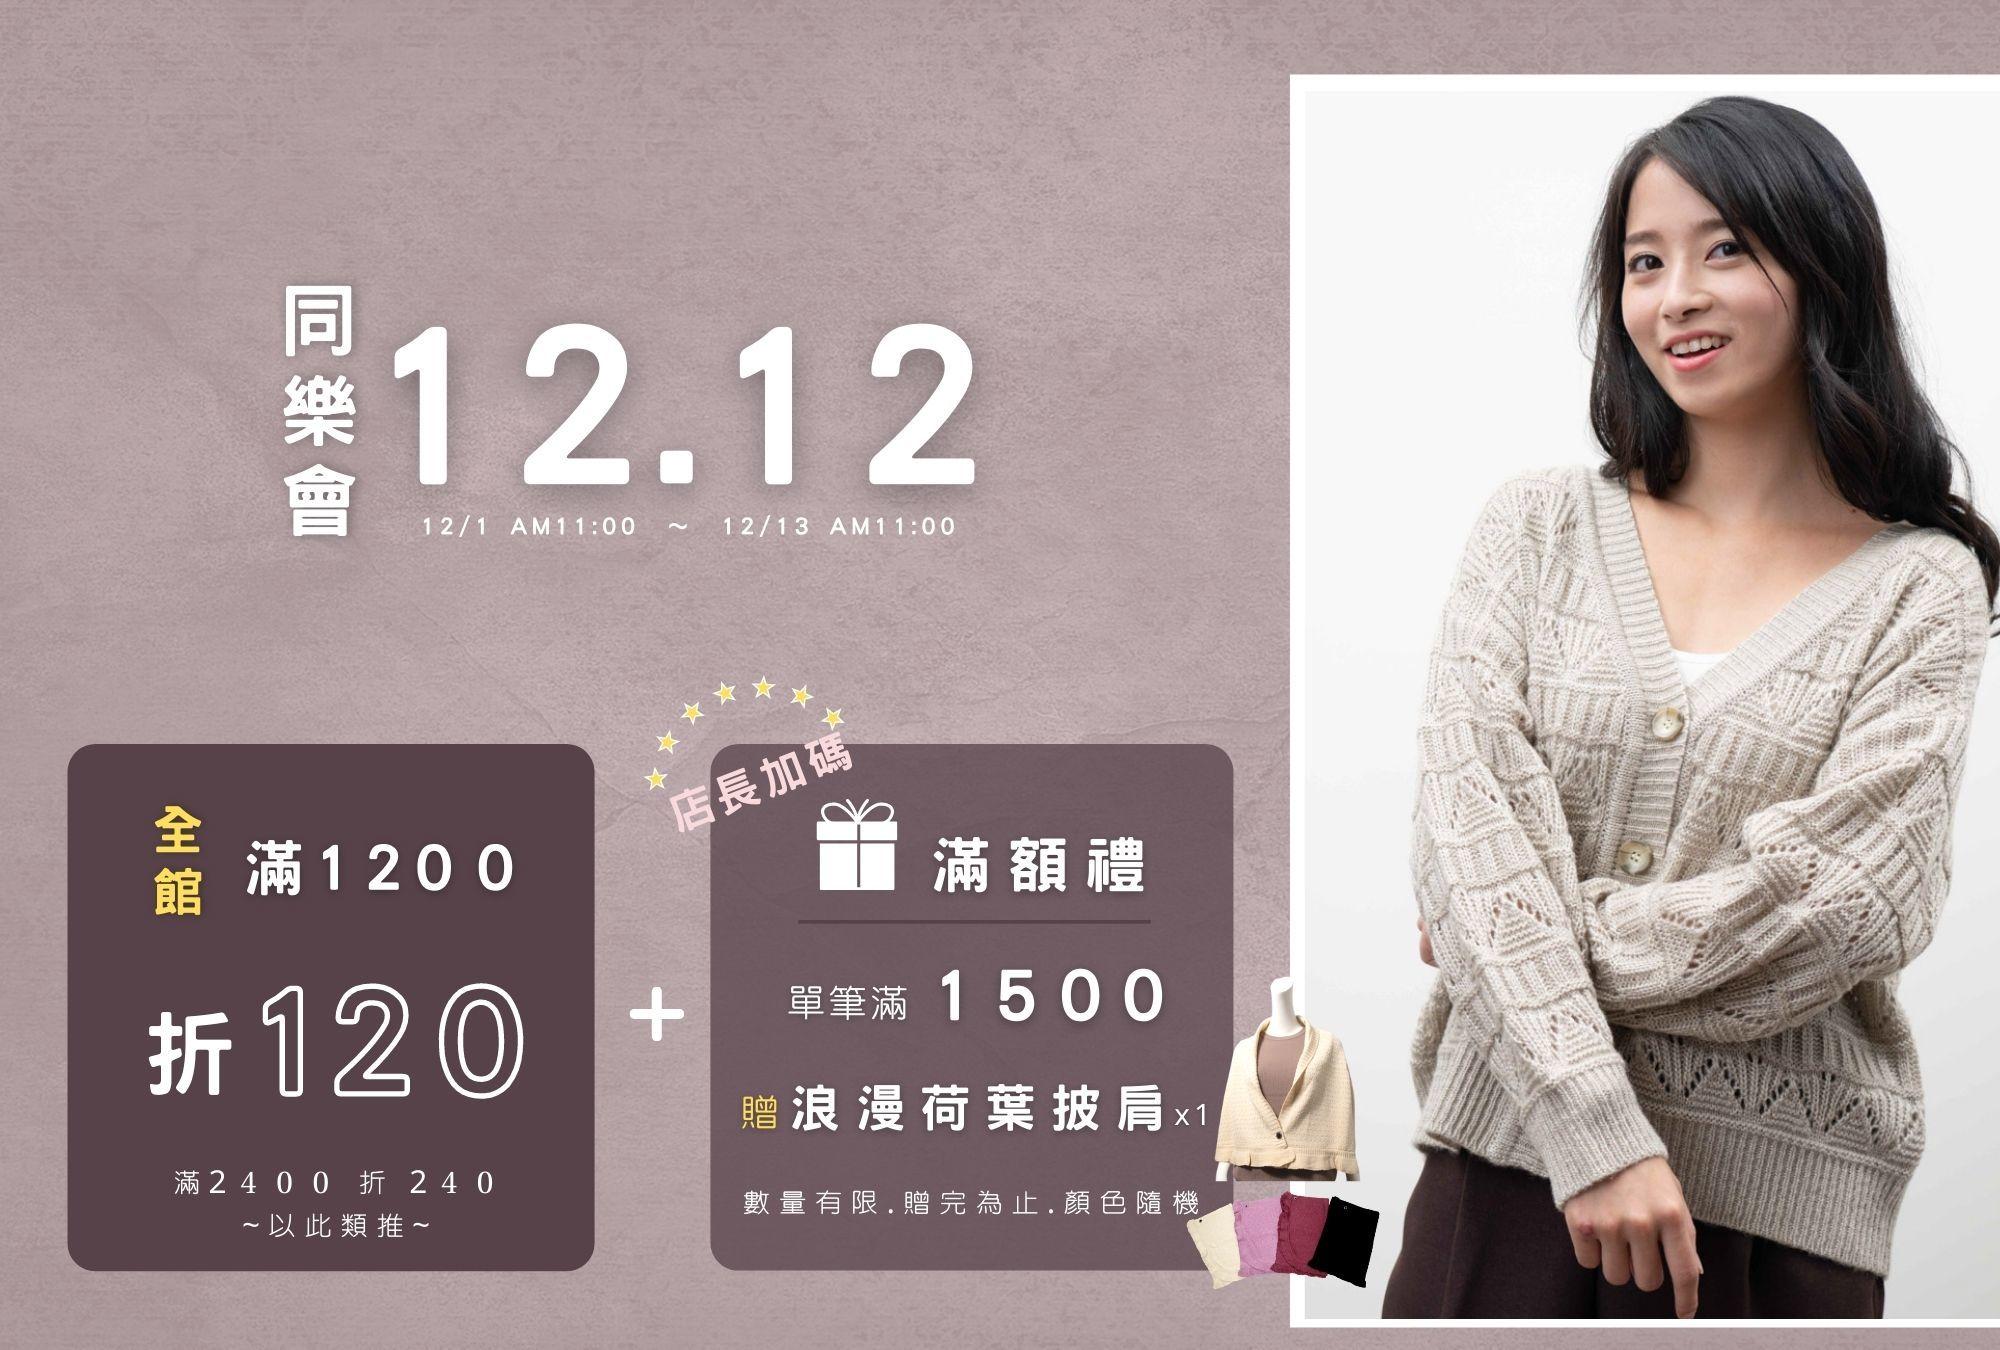 雙12活動 | O-LIWAY 台灣製女裝品牌